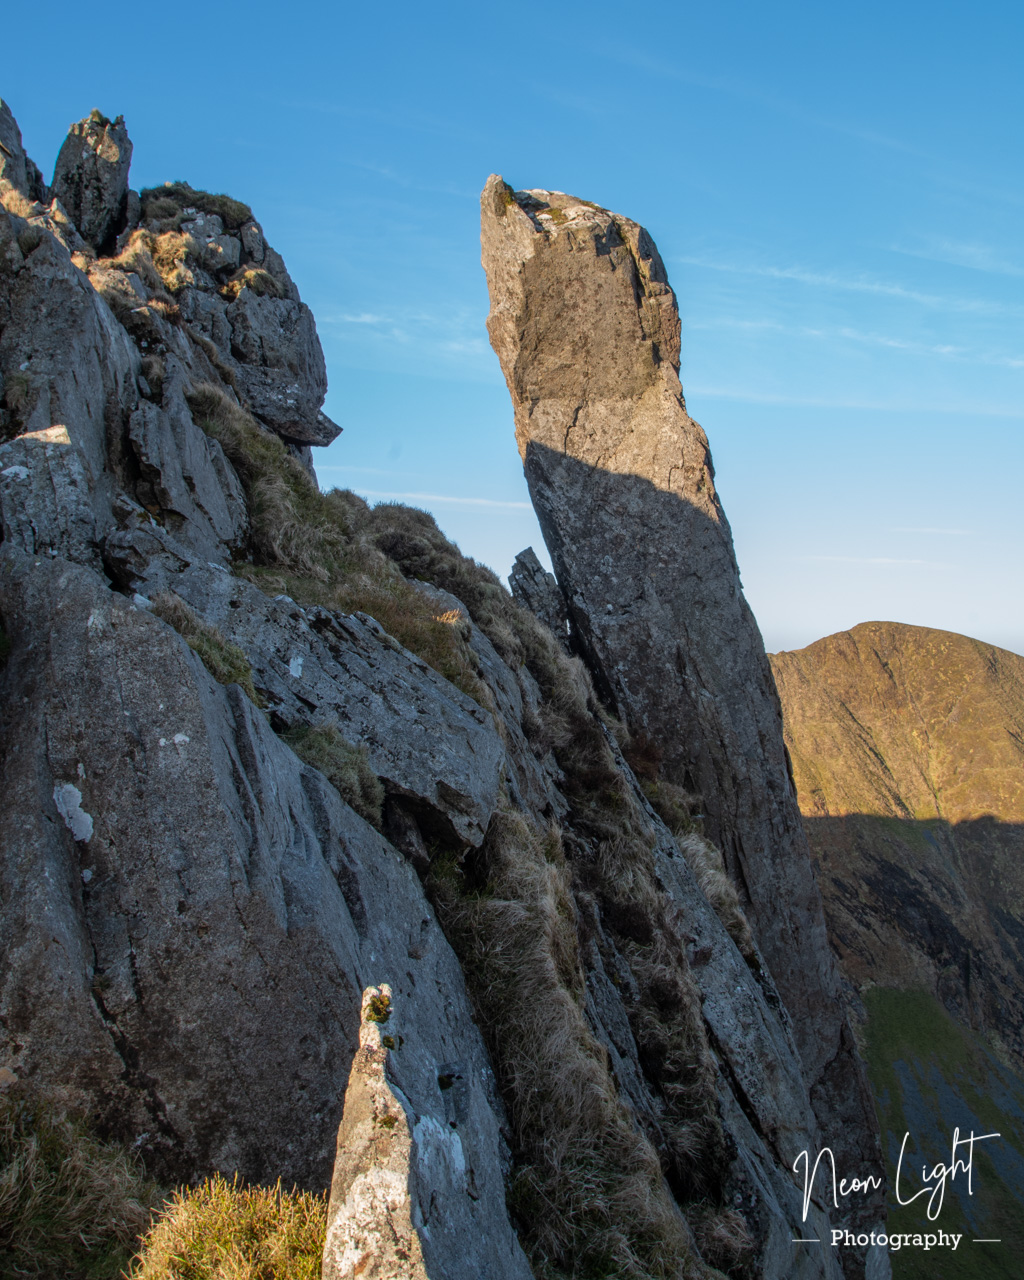 Mynydd Drws-y-Coed Monolith